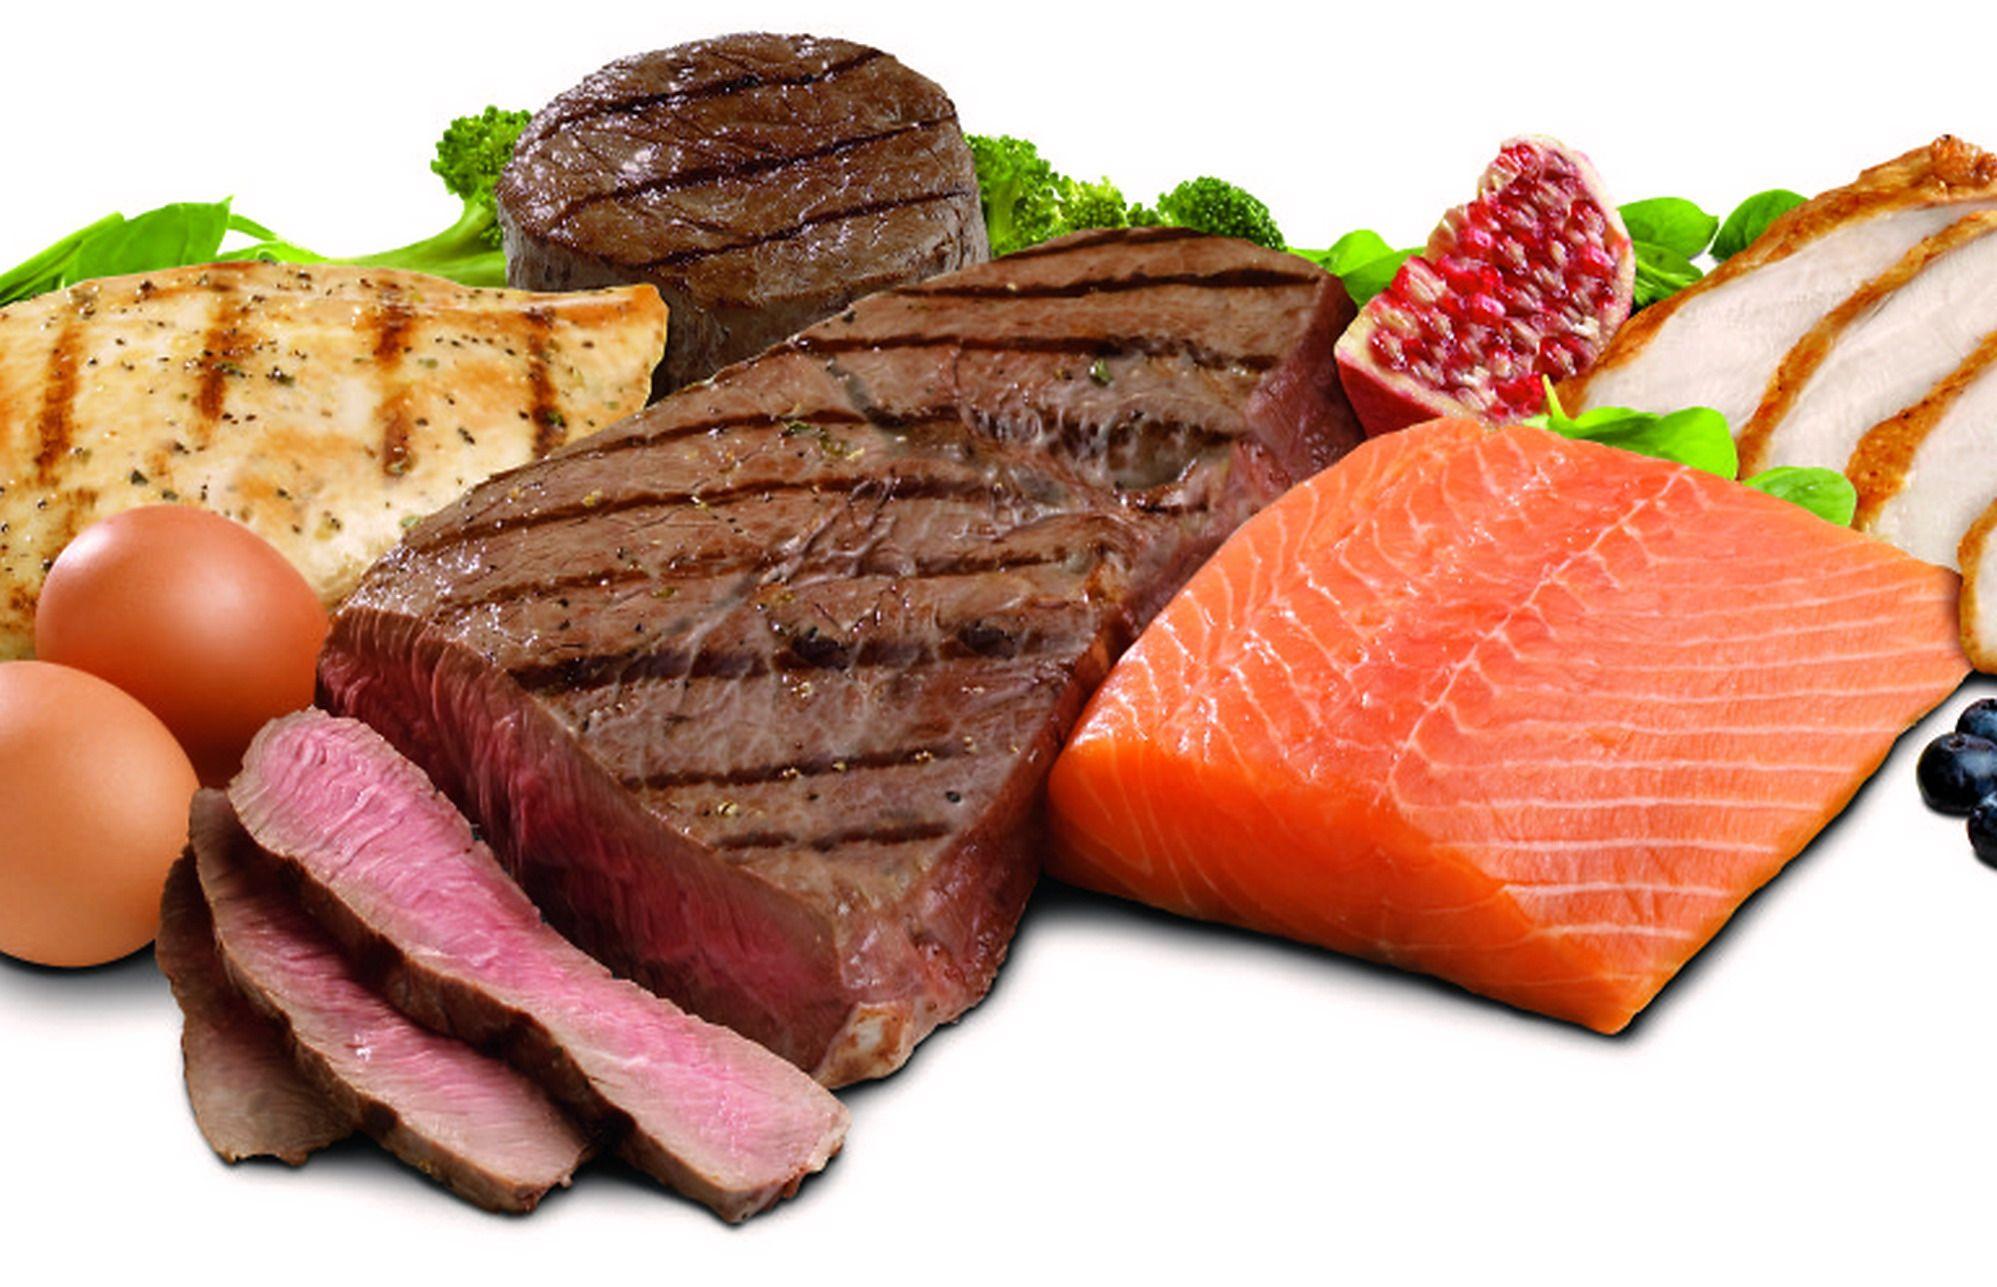 Cosa mangiare al posto della carne per assumere proteine